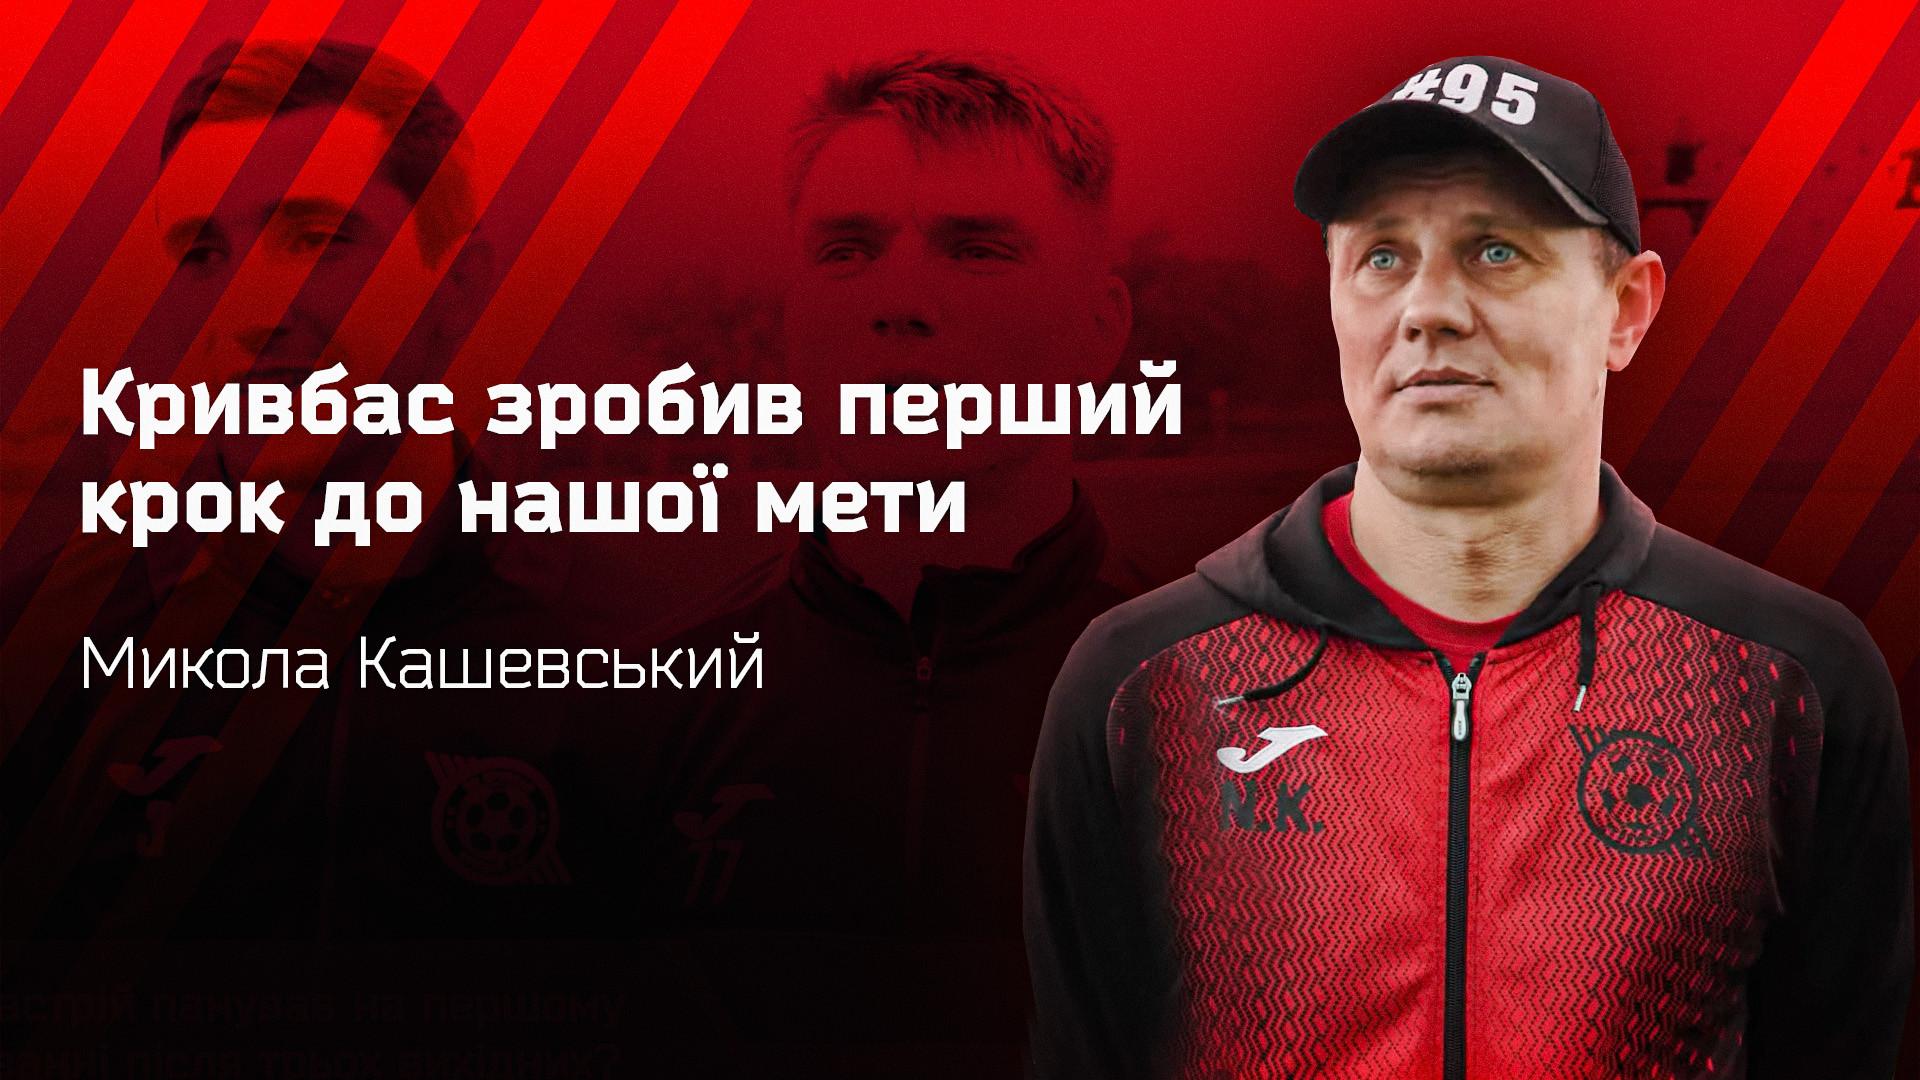 """Микола Кашевський: """"Кривбас"""" зробив перший крок до нашої мети}"""